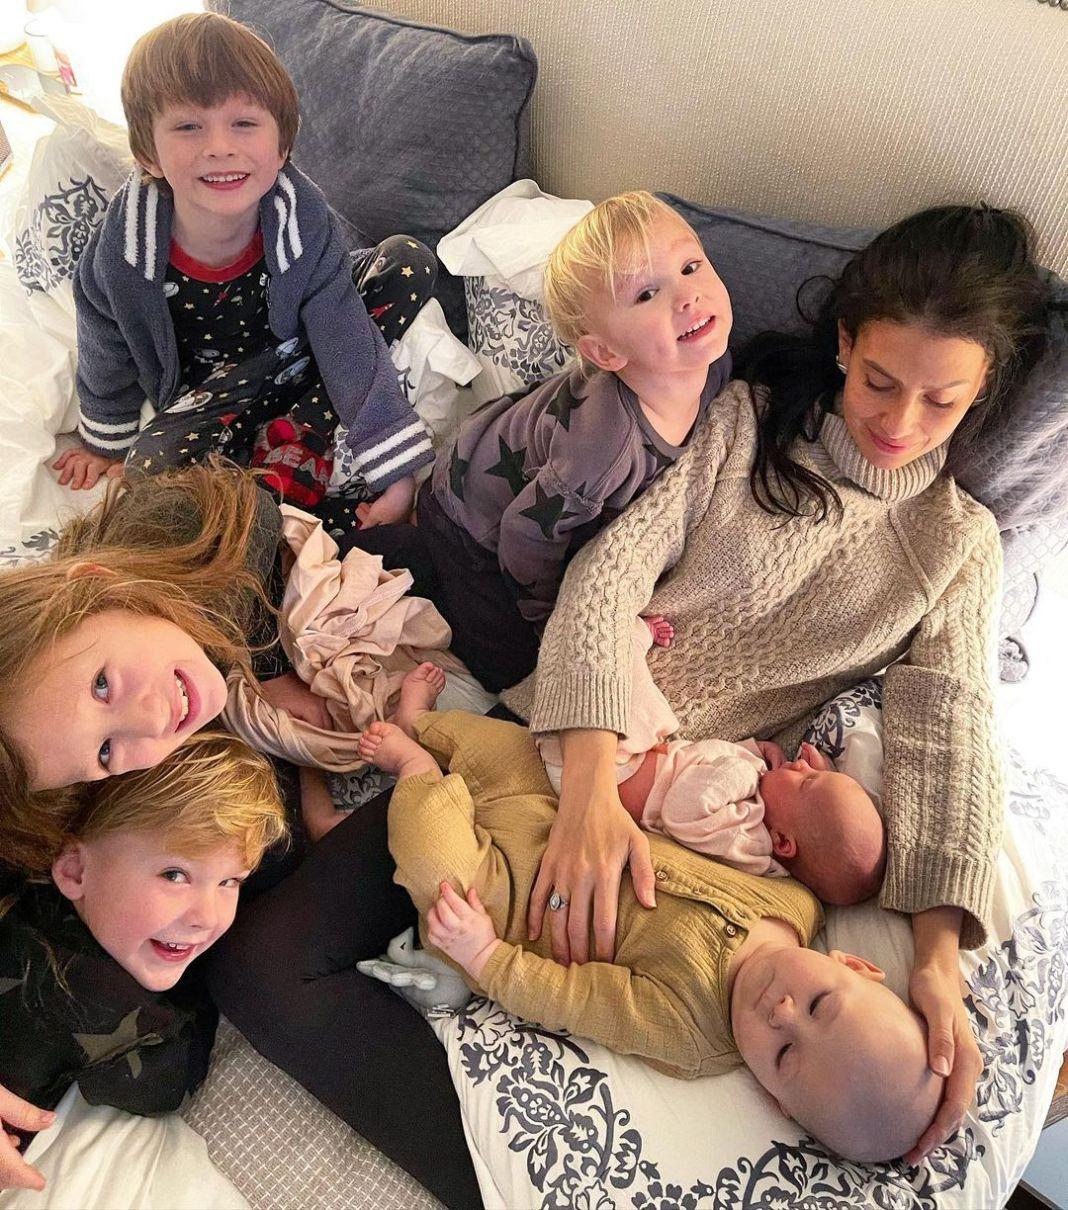 Mândra mămică a împărtășit fanilor de pe rețelele de socializare o fotografie cu noua prezență din familia Baldwin